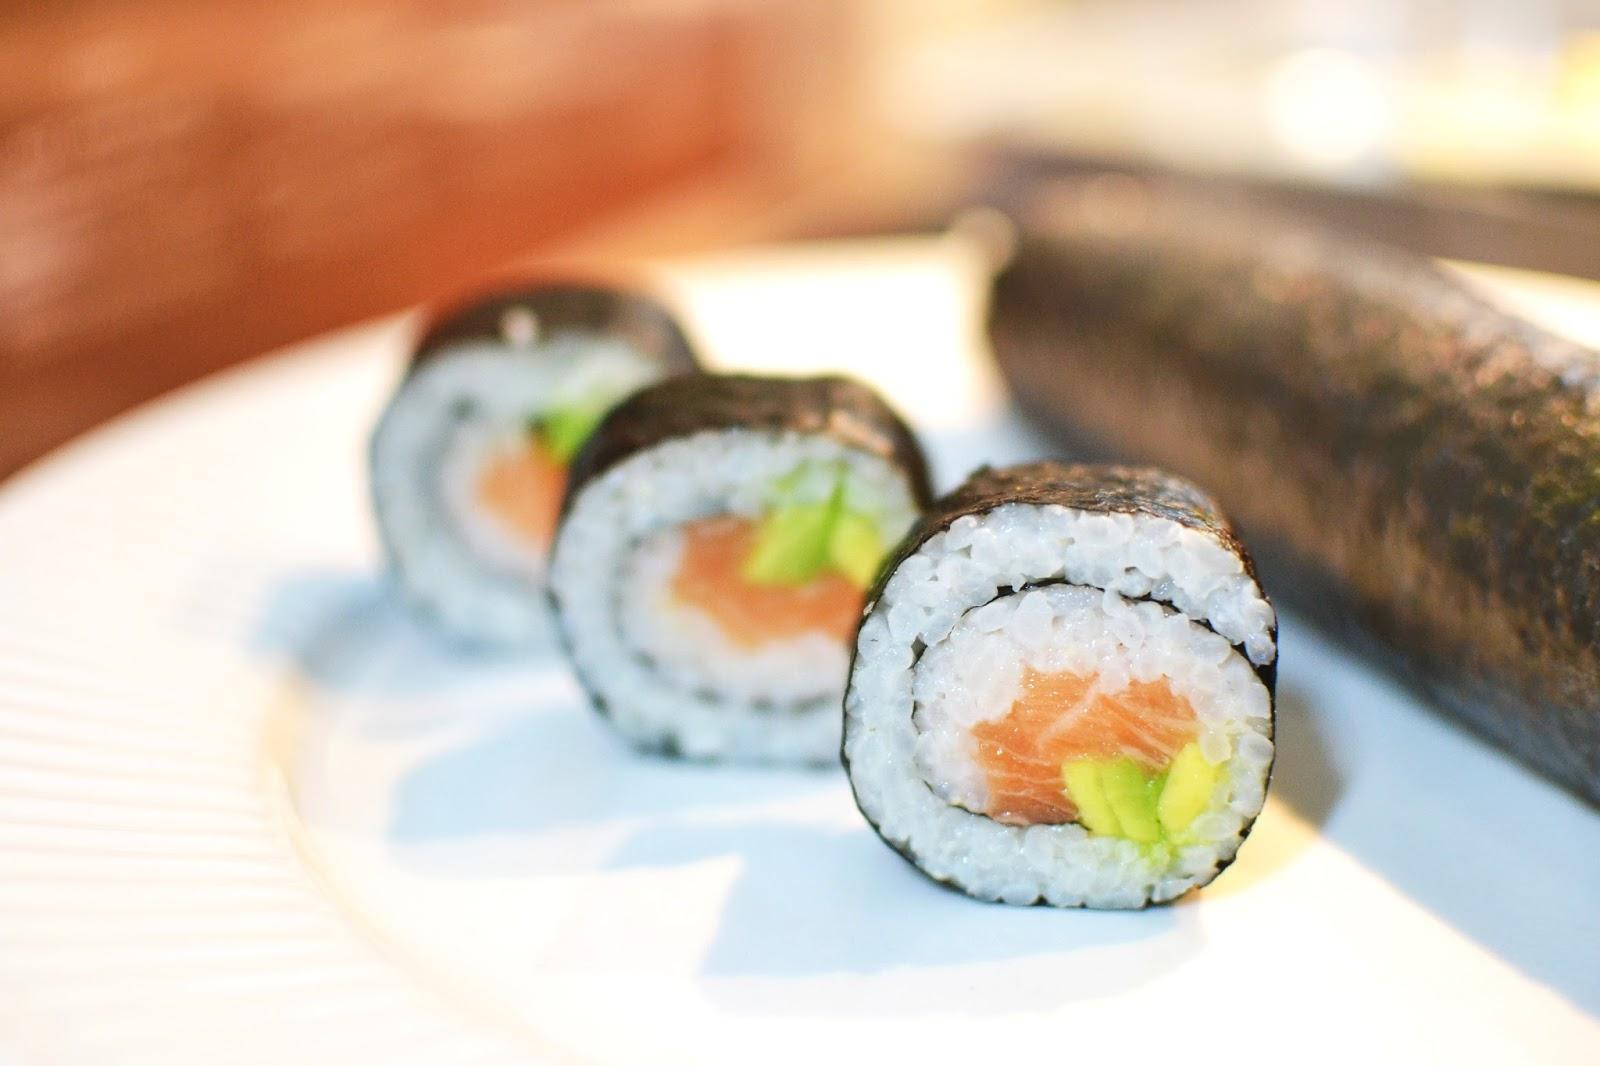 maki sushi rolls, making sushi, sushi